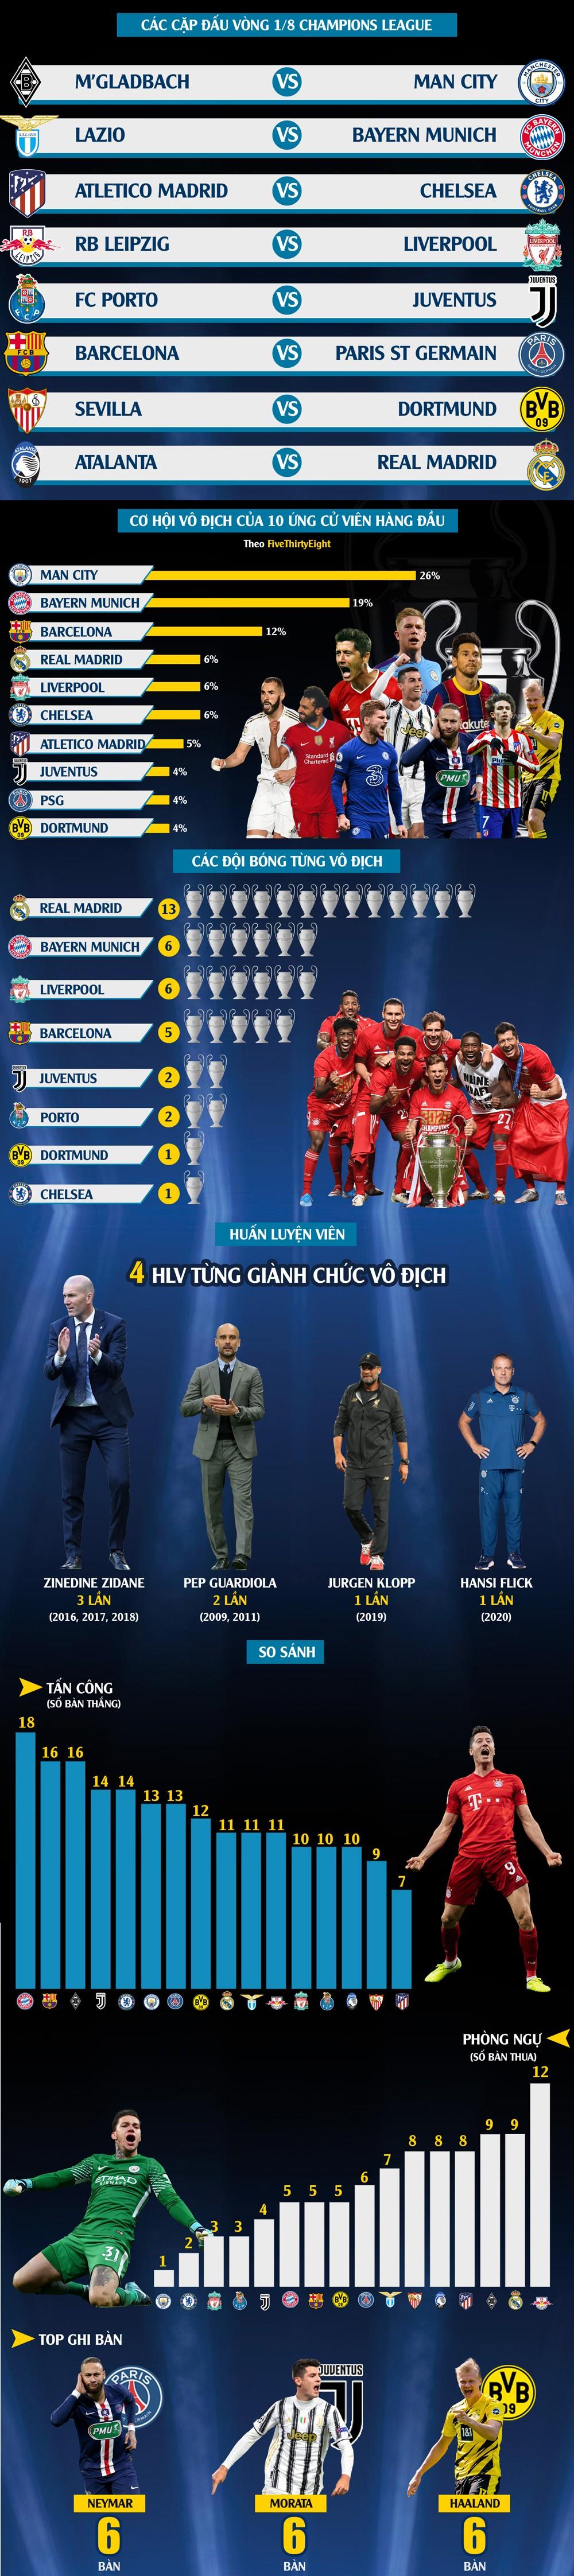 Điểm binh vòng 1/8 Champions League: Màu xanh hy vọng ảnh 1